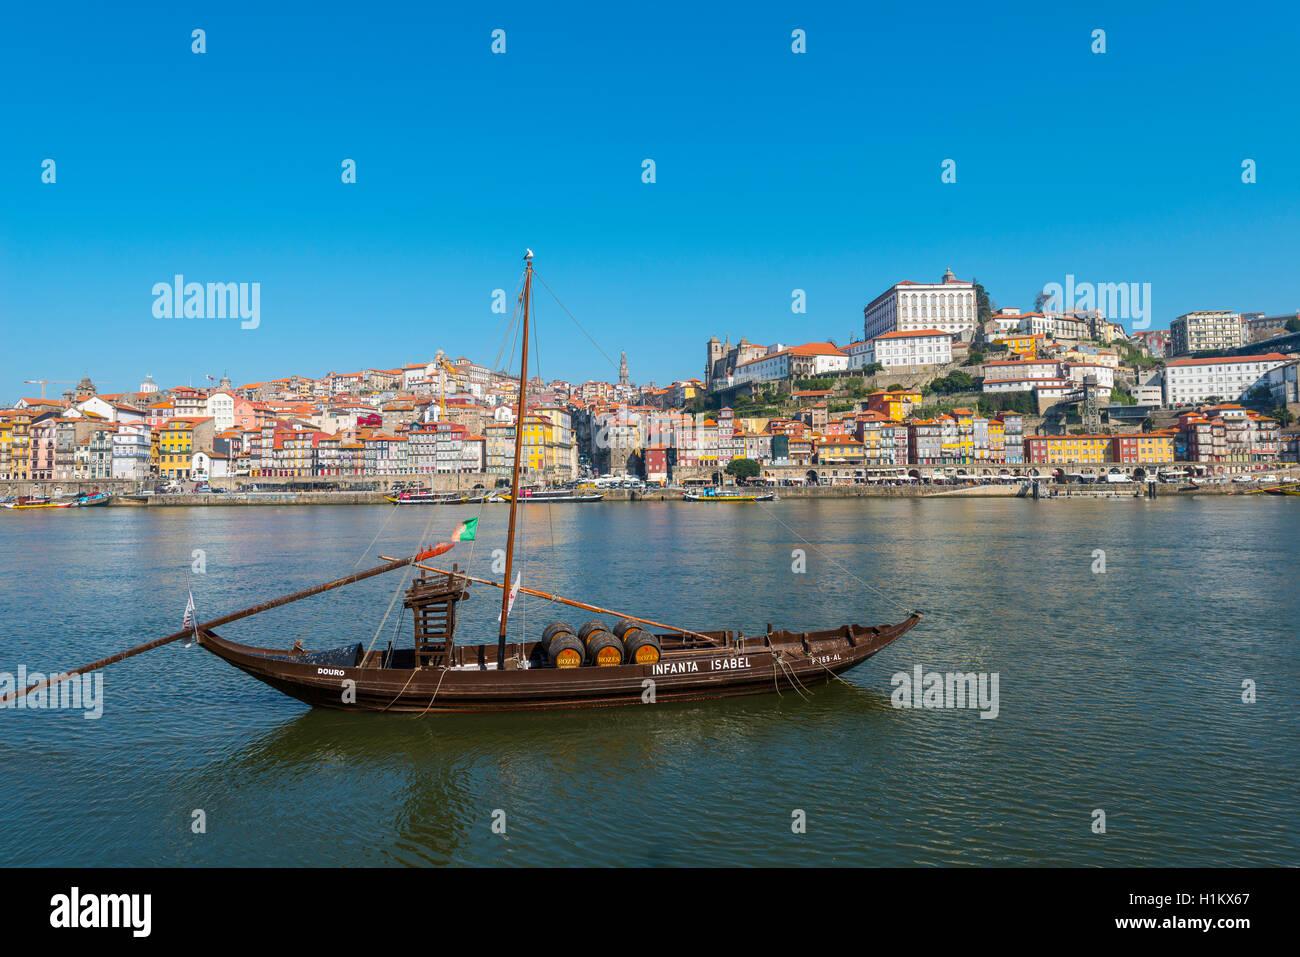 Rabelo boat, port wine boat on River Douro, Porto, Portugal Stock Photo